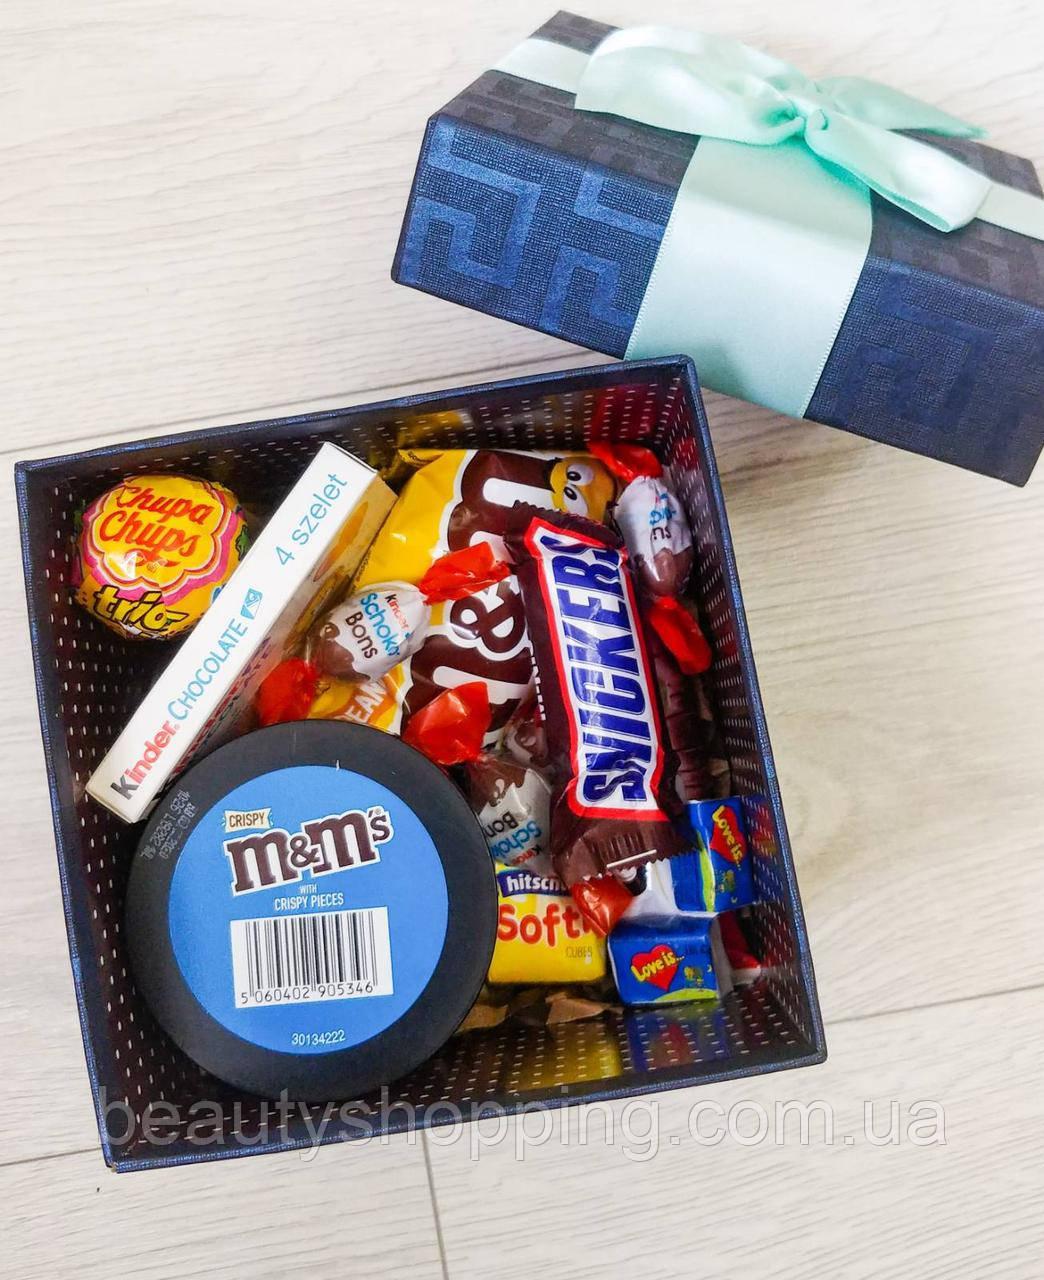 Подарочный набор сладостей в коробке ко дню Святого Валентина